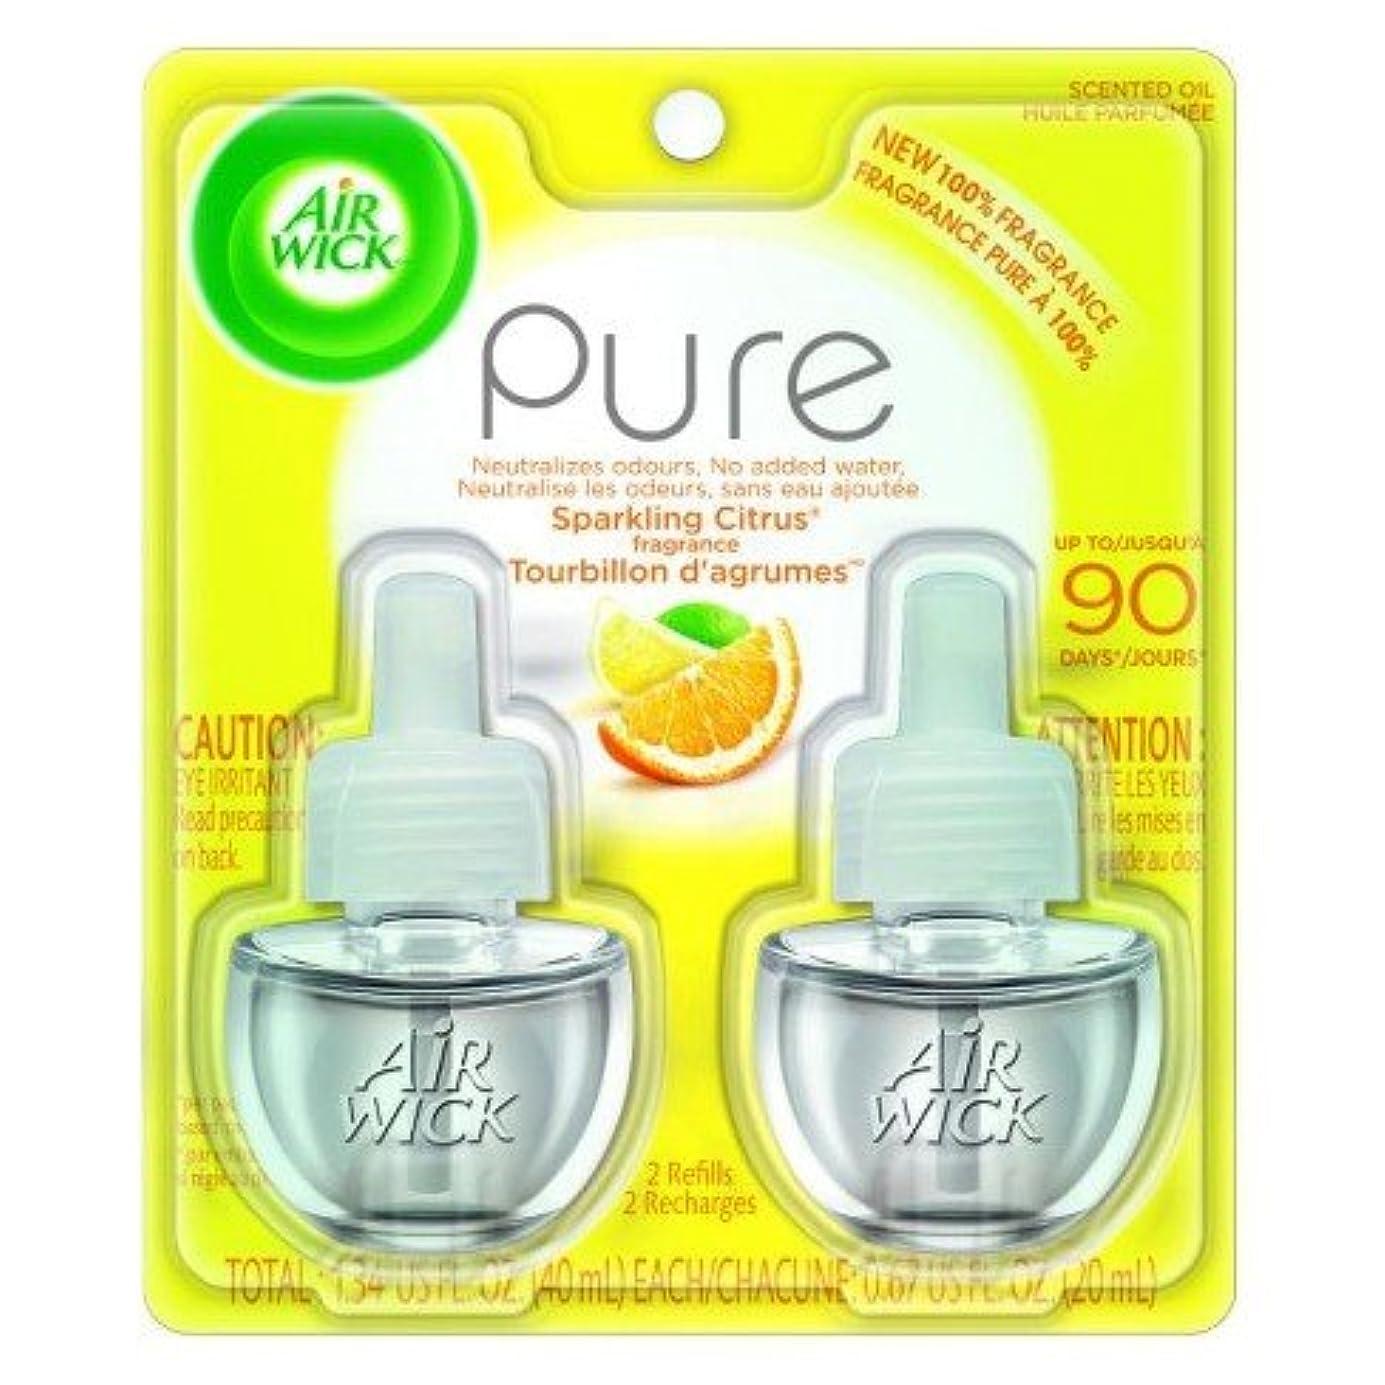 八百屋さん有効な争い【Air Wick/エアーウィック】 プラグインオイル詰替えリフィル(2個入り) スパークリングシトラス Air Wick Scented Oil Twin Refill Pure - Sparkling Citrus (2X.67) Oz. [並行輸入品]